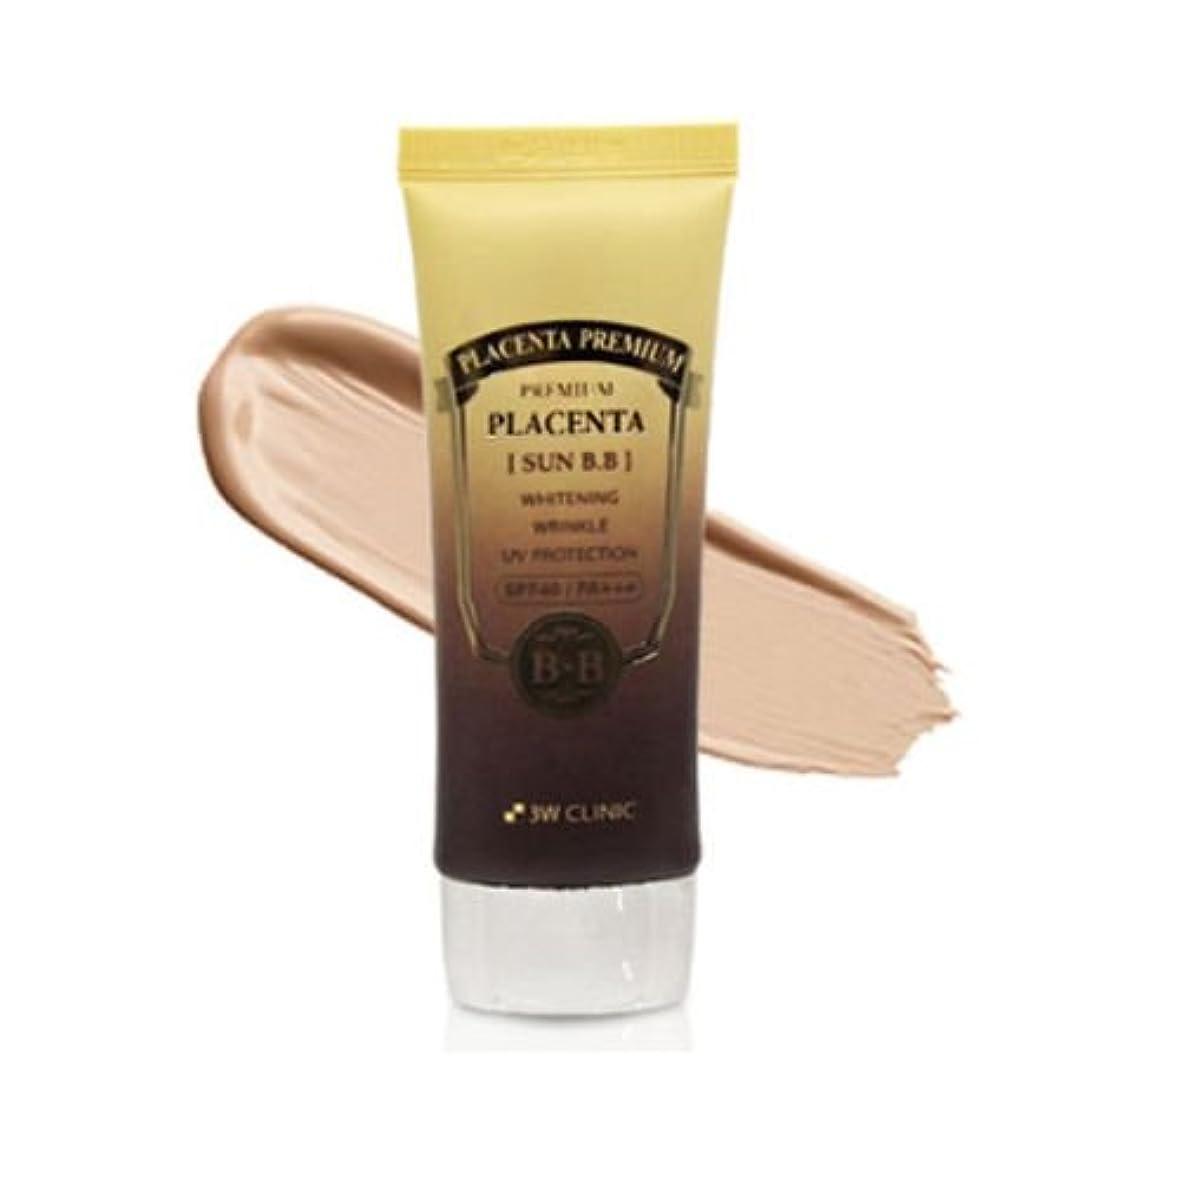 慈善についてベギン3Wクリニック[韓国コスメ3w Clinic]Premium Placenta Sun BB Cream プレミアムプラセンタサンBBクリーム70ml SPF40 PA+++ UV しわ管理[並行輸入品]